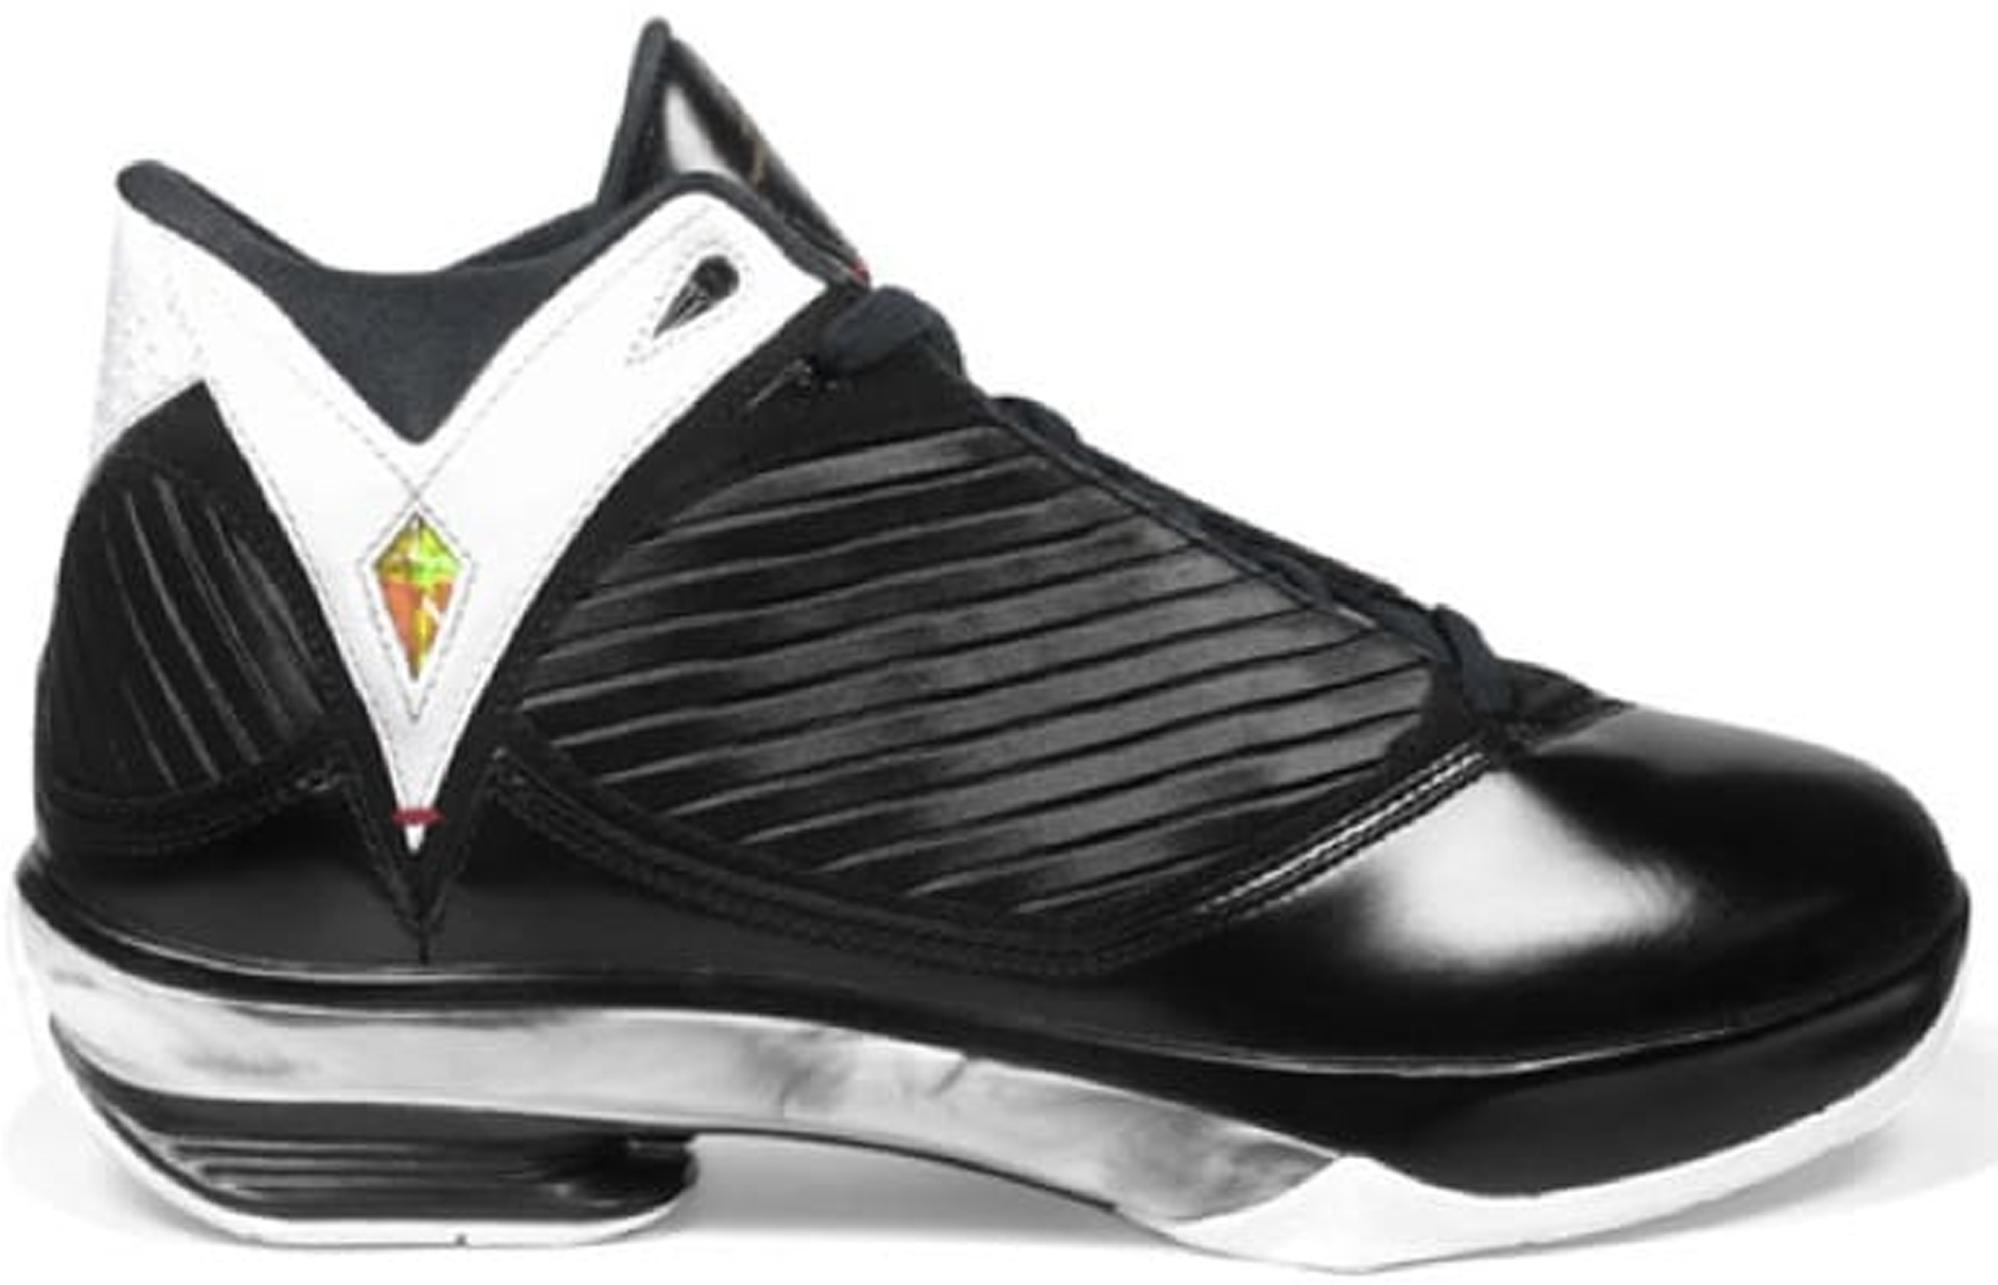 2014 rabais wiki livraison gratuite Air Jordan Noir / Gris 2009 Footaction rabais images footlocker Livraison gratuite ebay BNnxj9